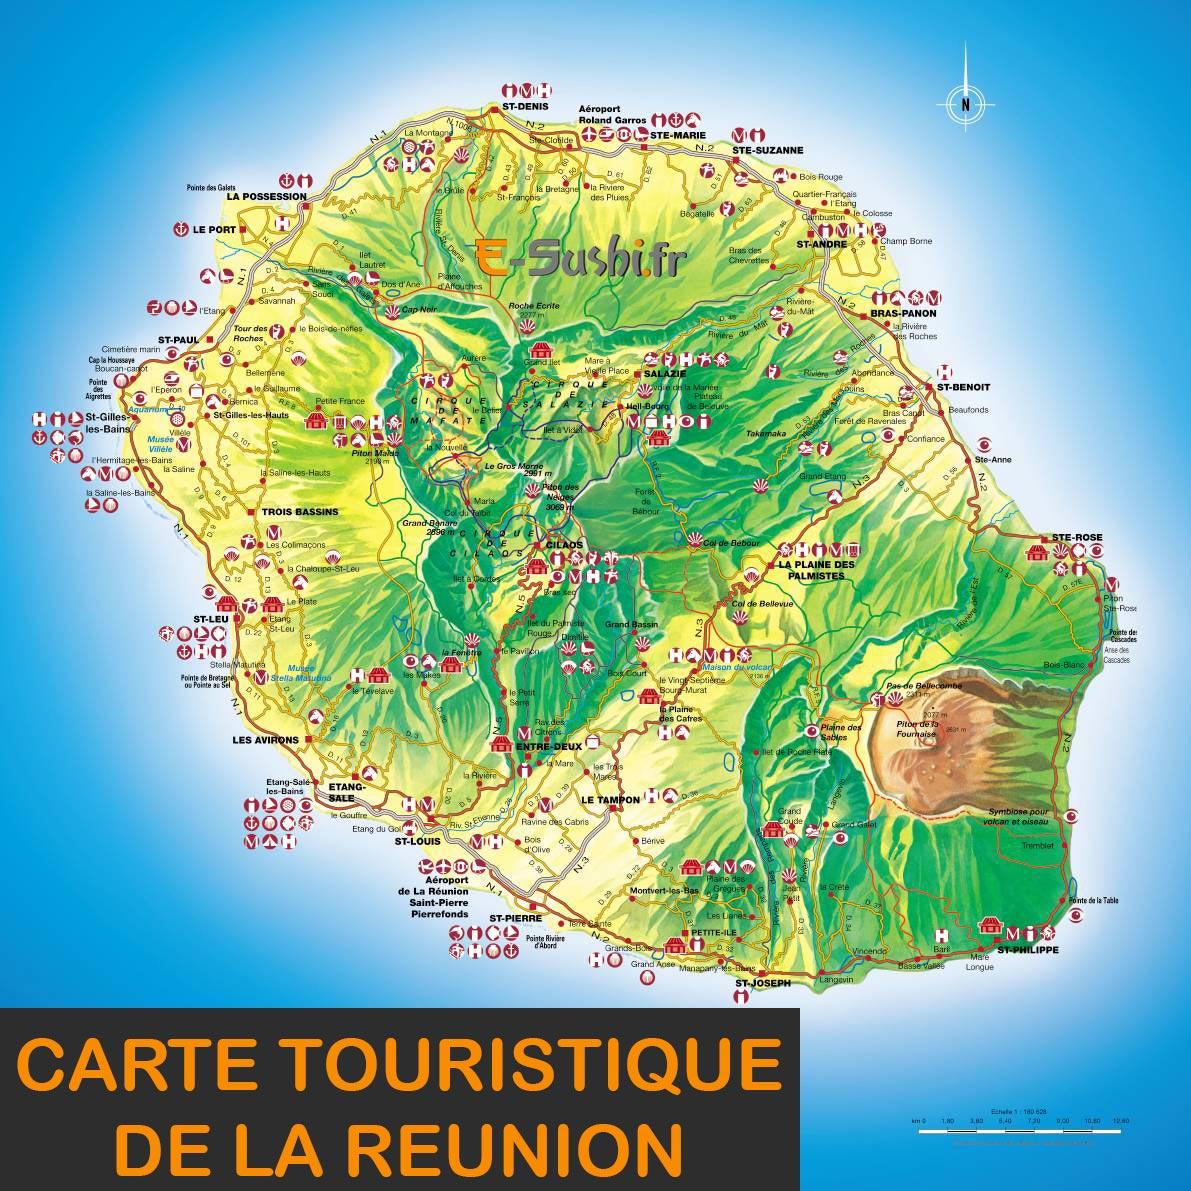 Réunion - Carte touristique